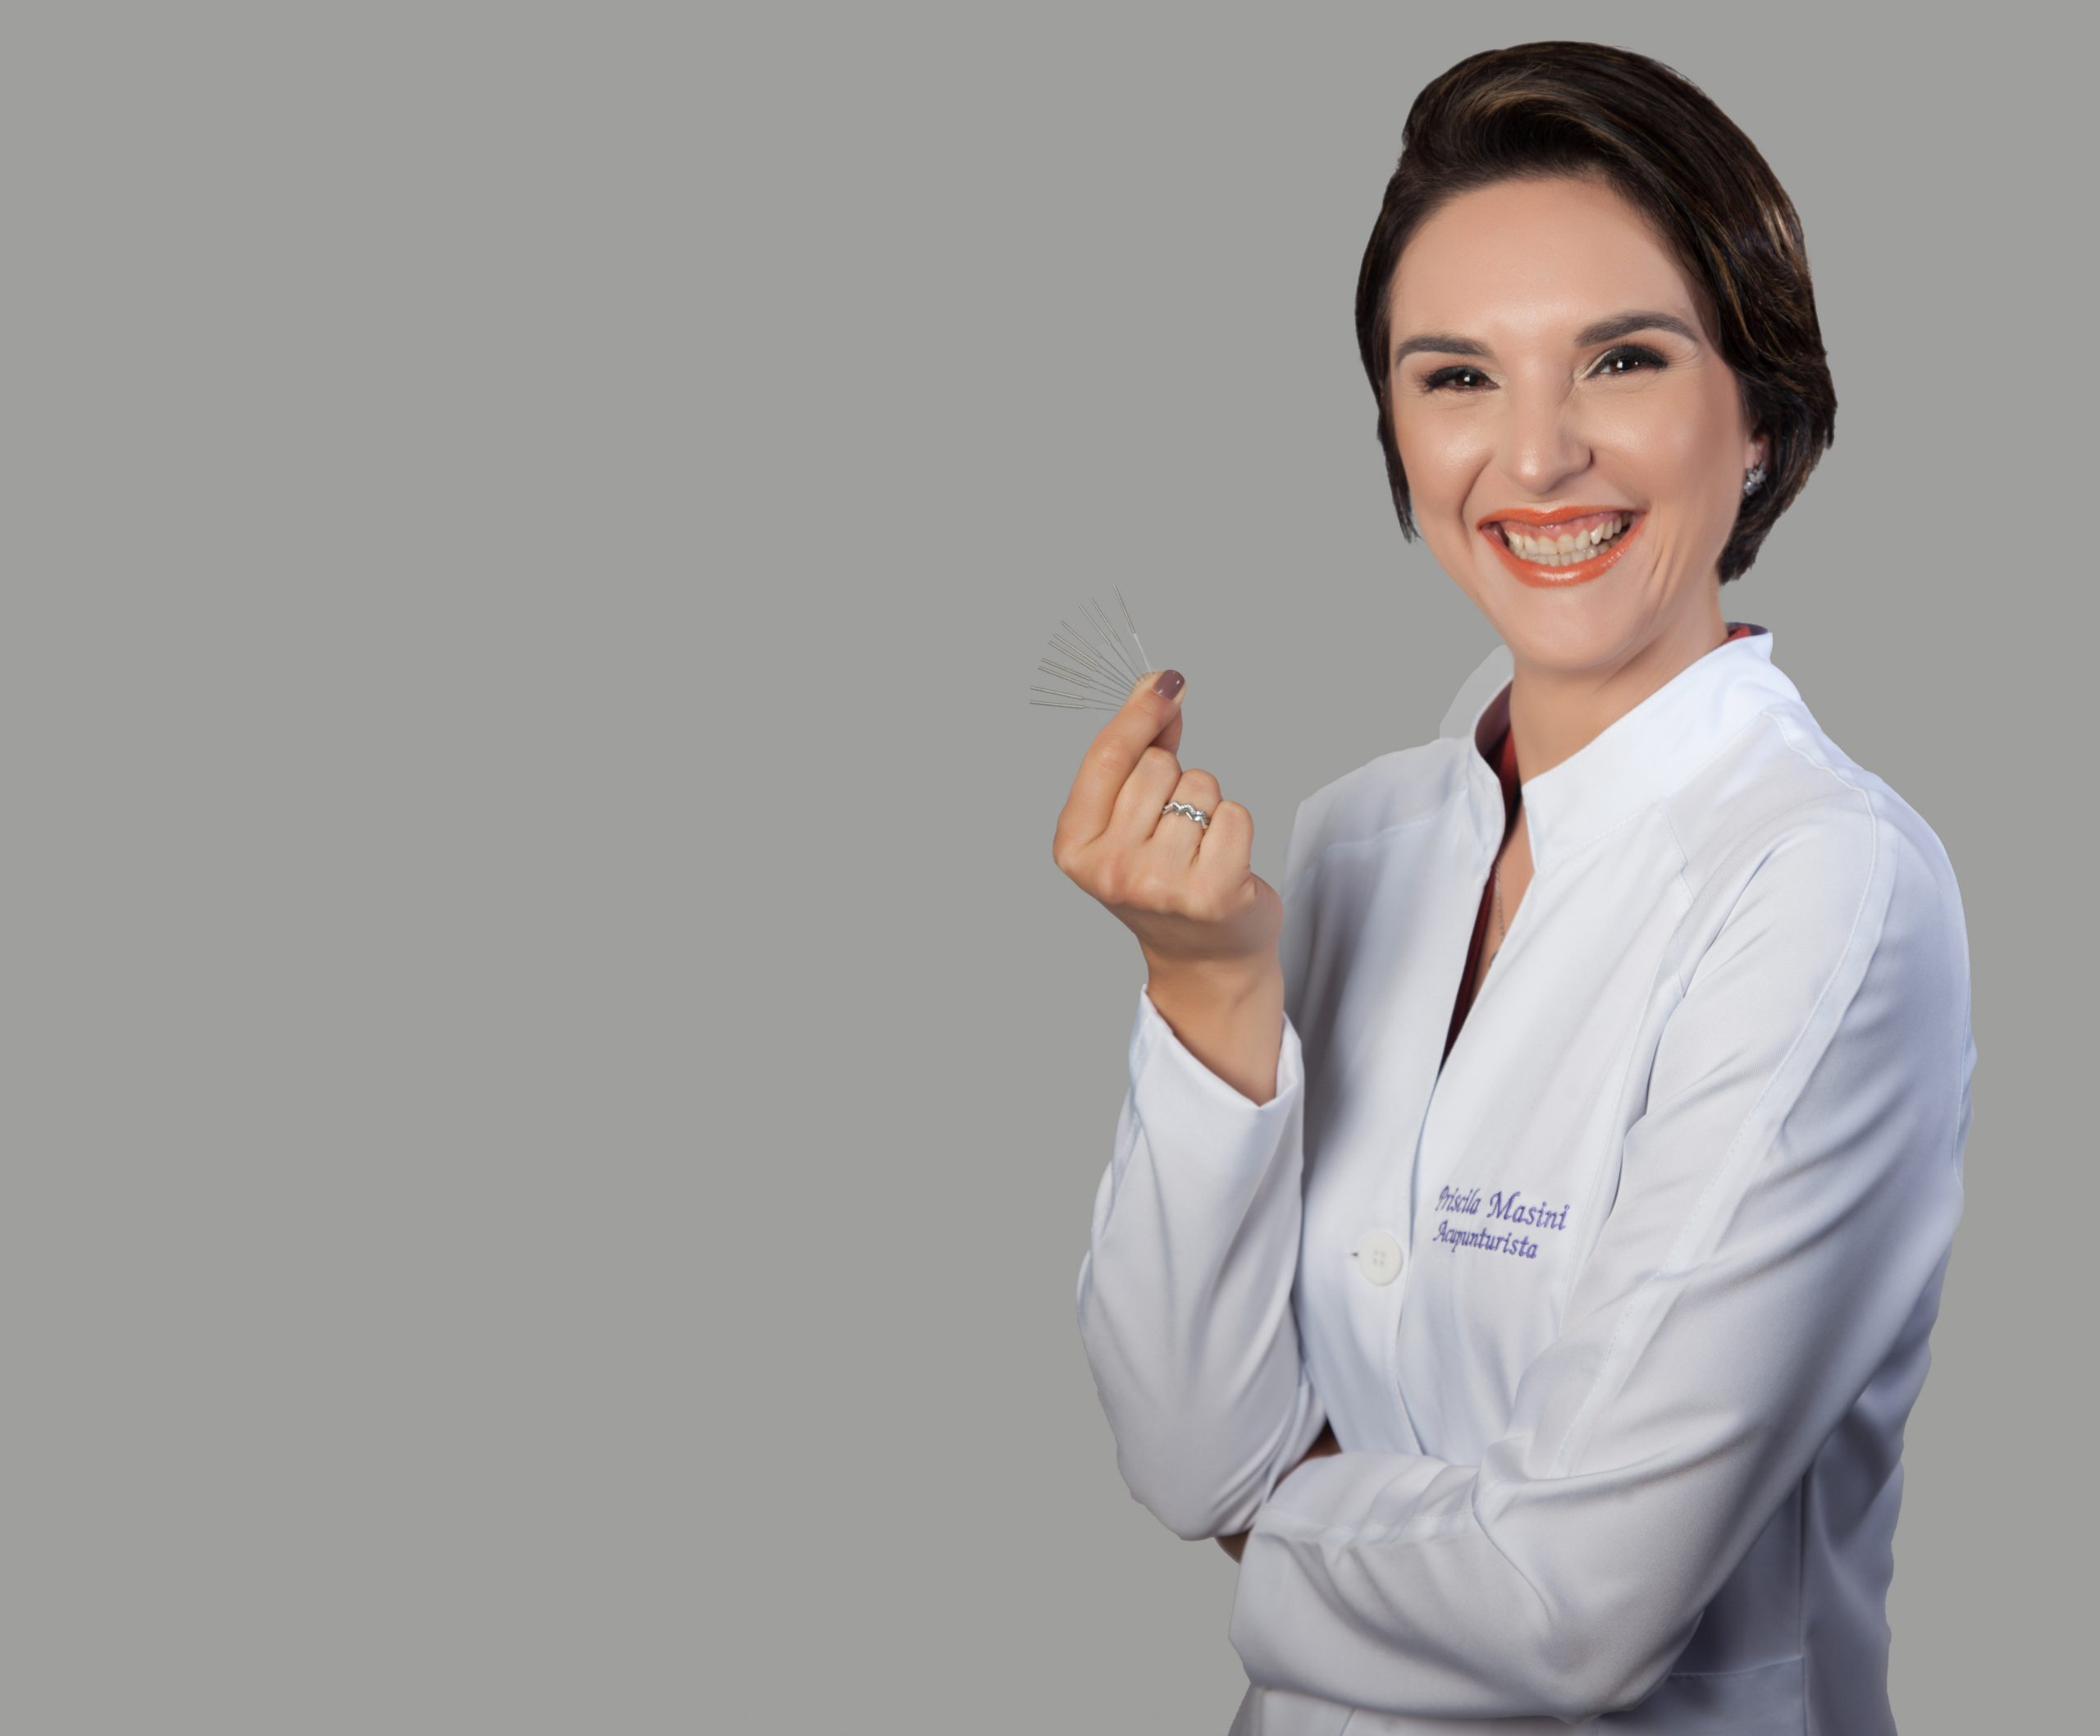 Priscila Masini (Acupuncture)